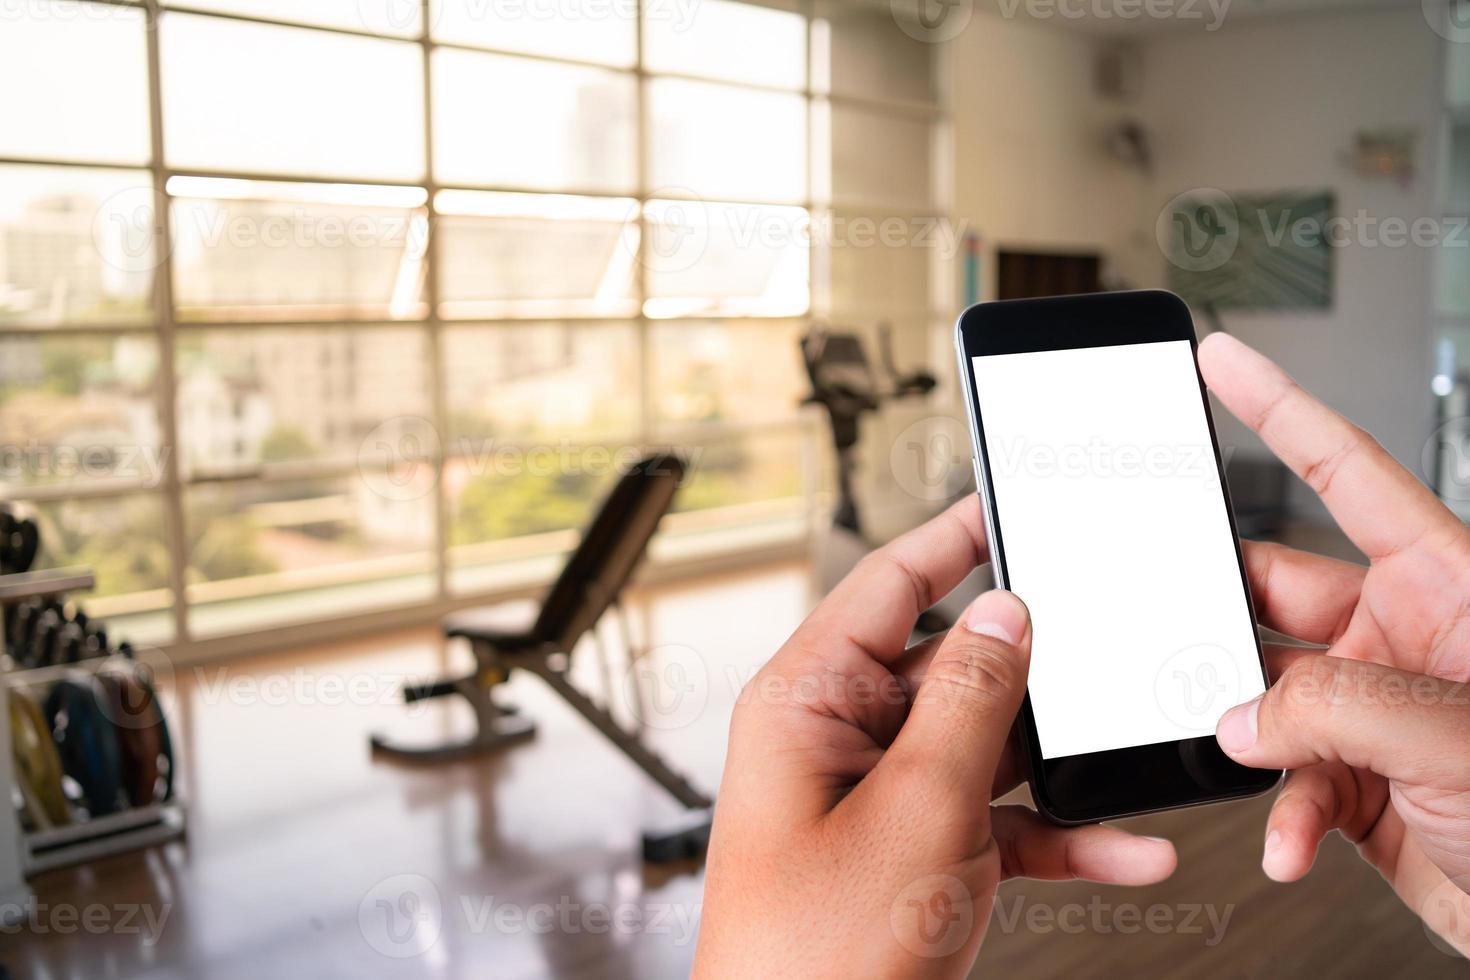 jovem, mão, segurando, smartphone, em, ginásio, para, condicão física, telefone, condicão física, exercício, conceito foto